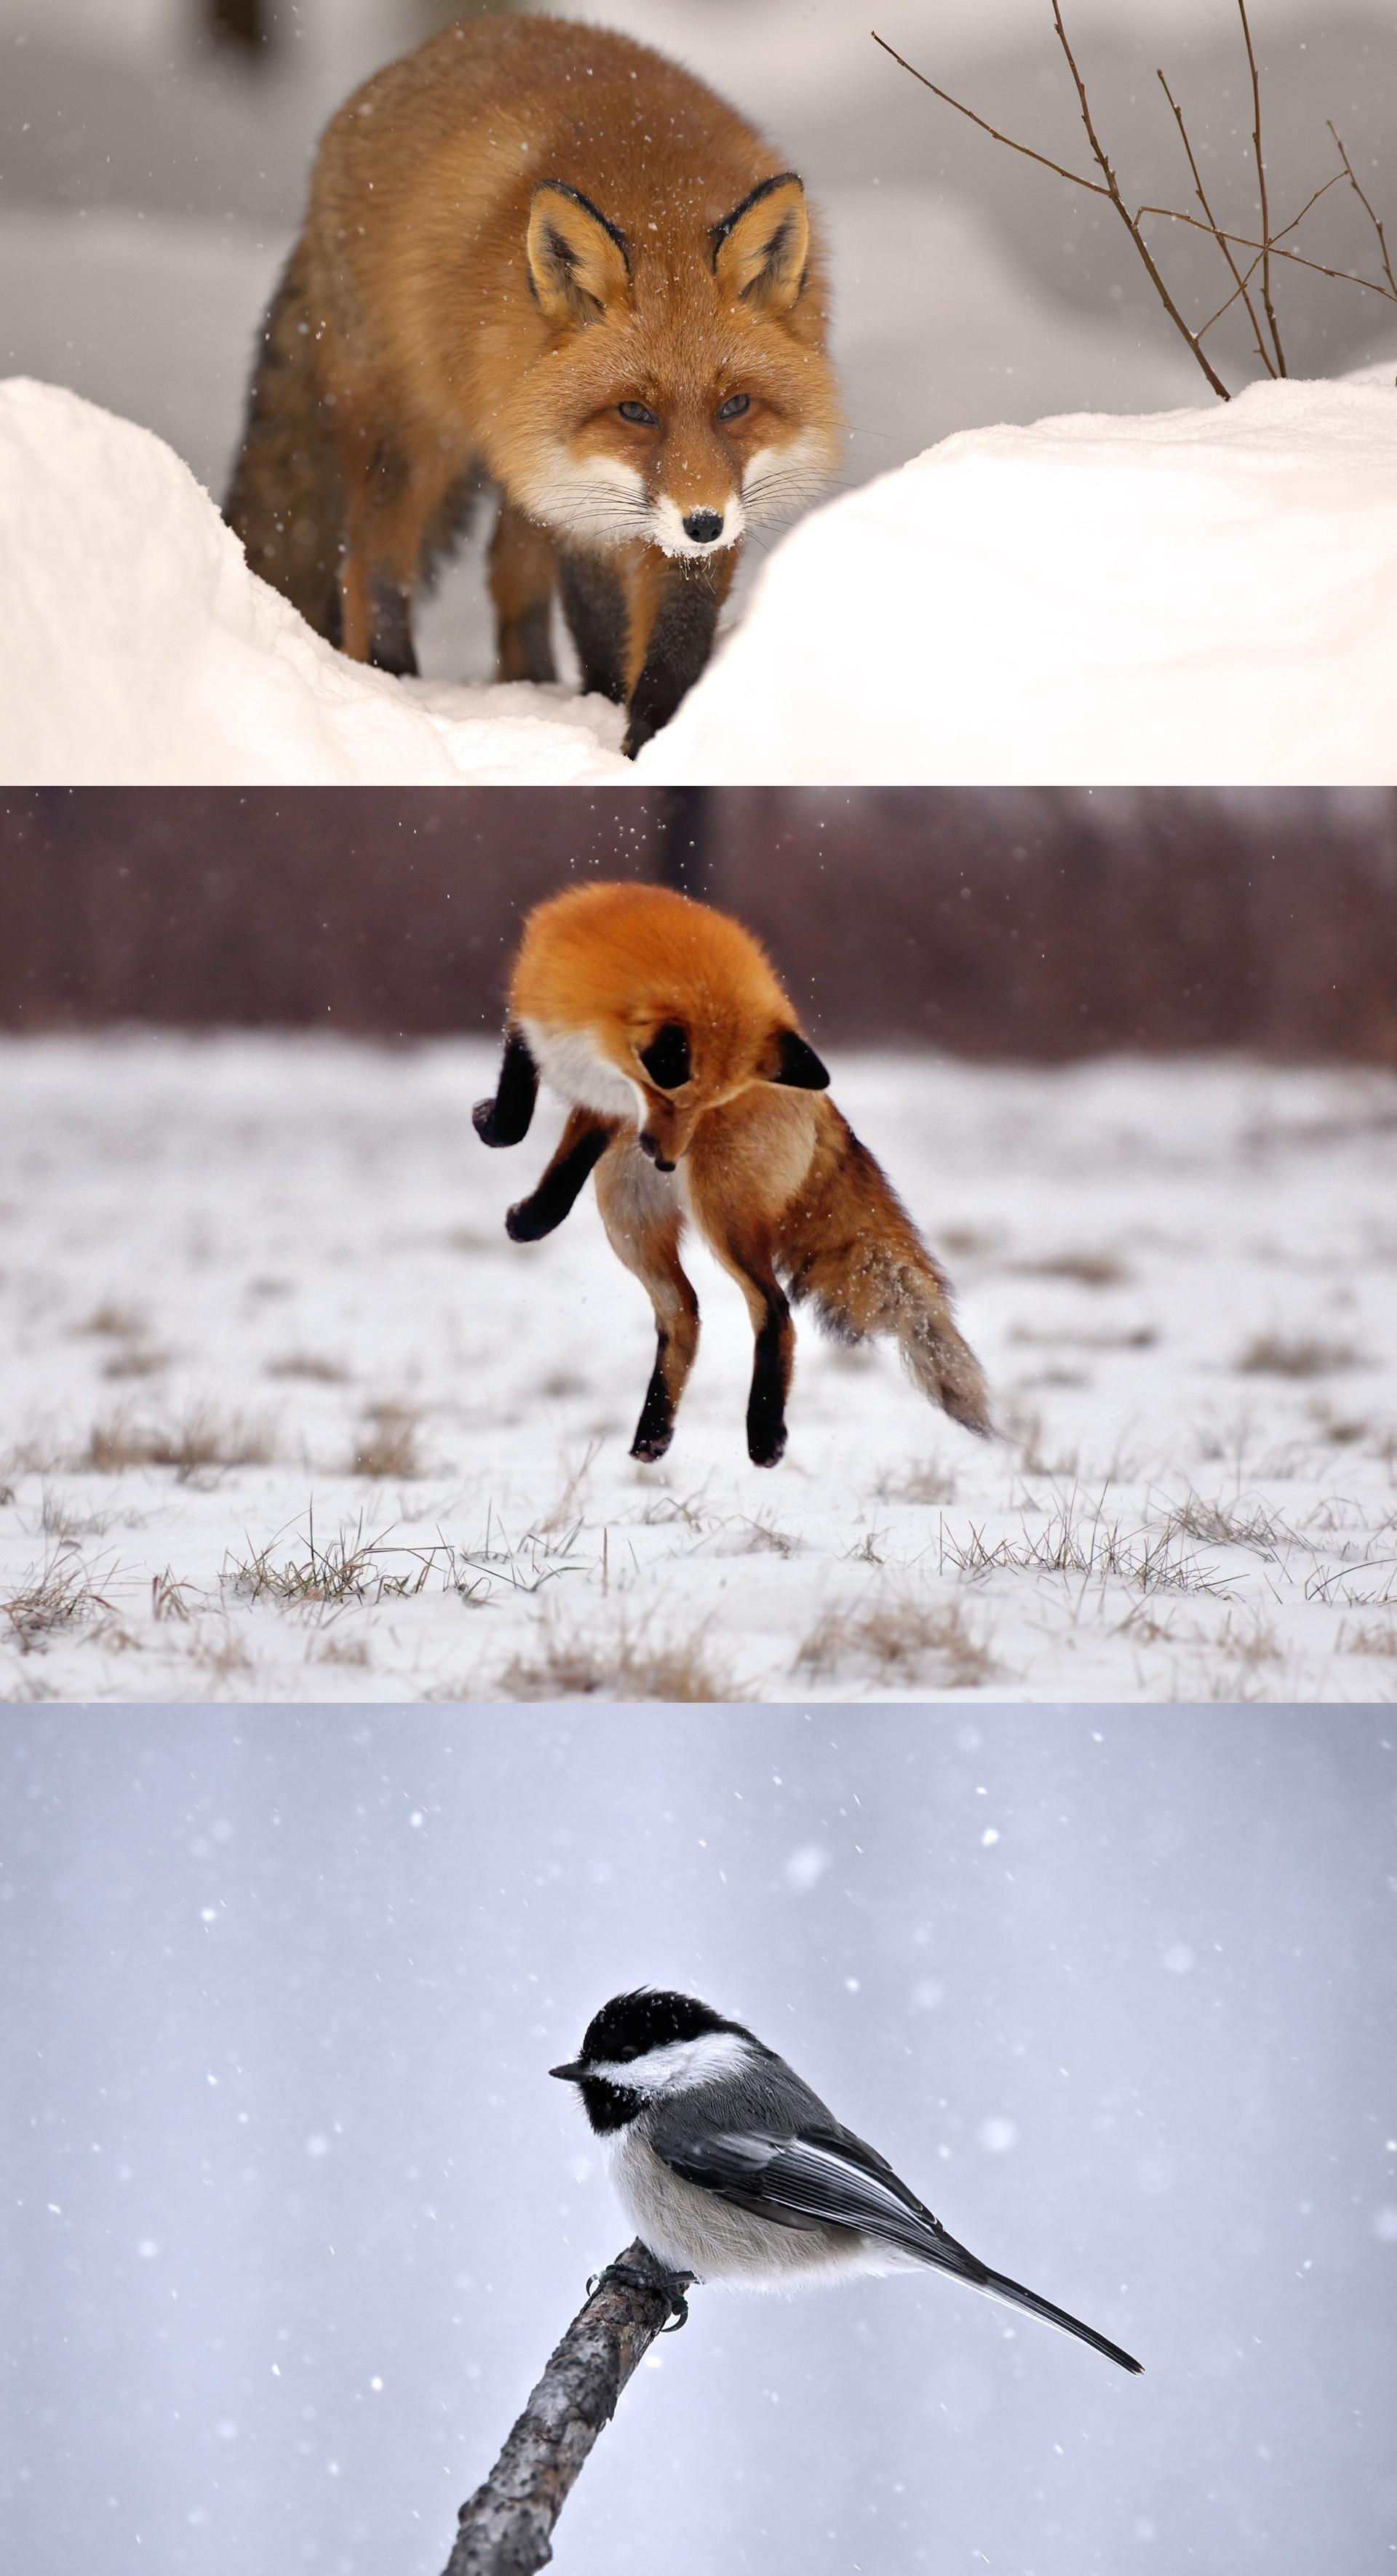 Fox, winter, snow, nature, animal, fox, winter, snow, animal, animal